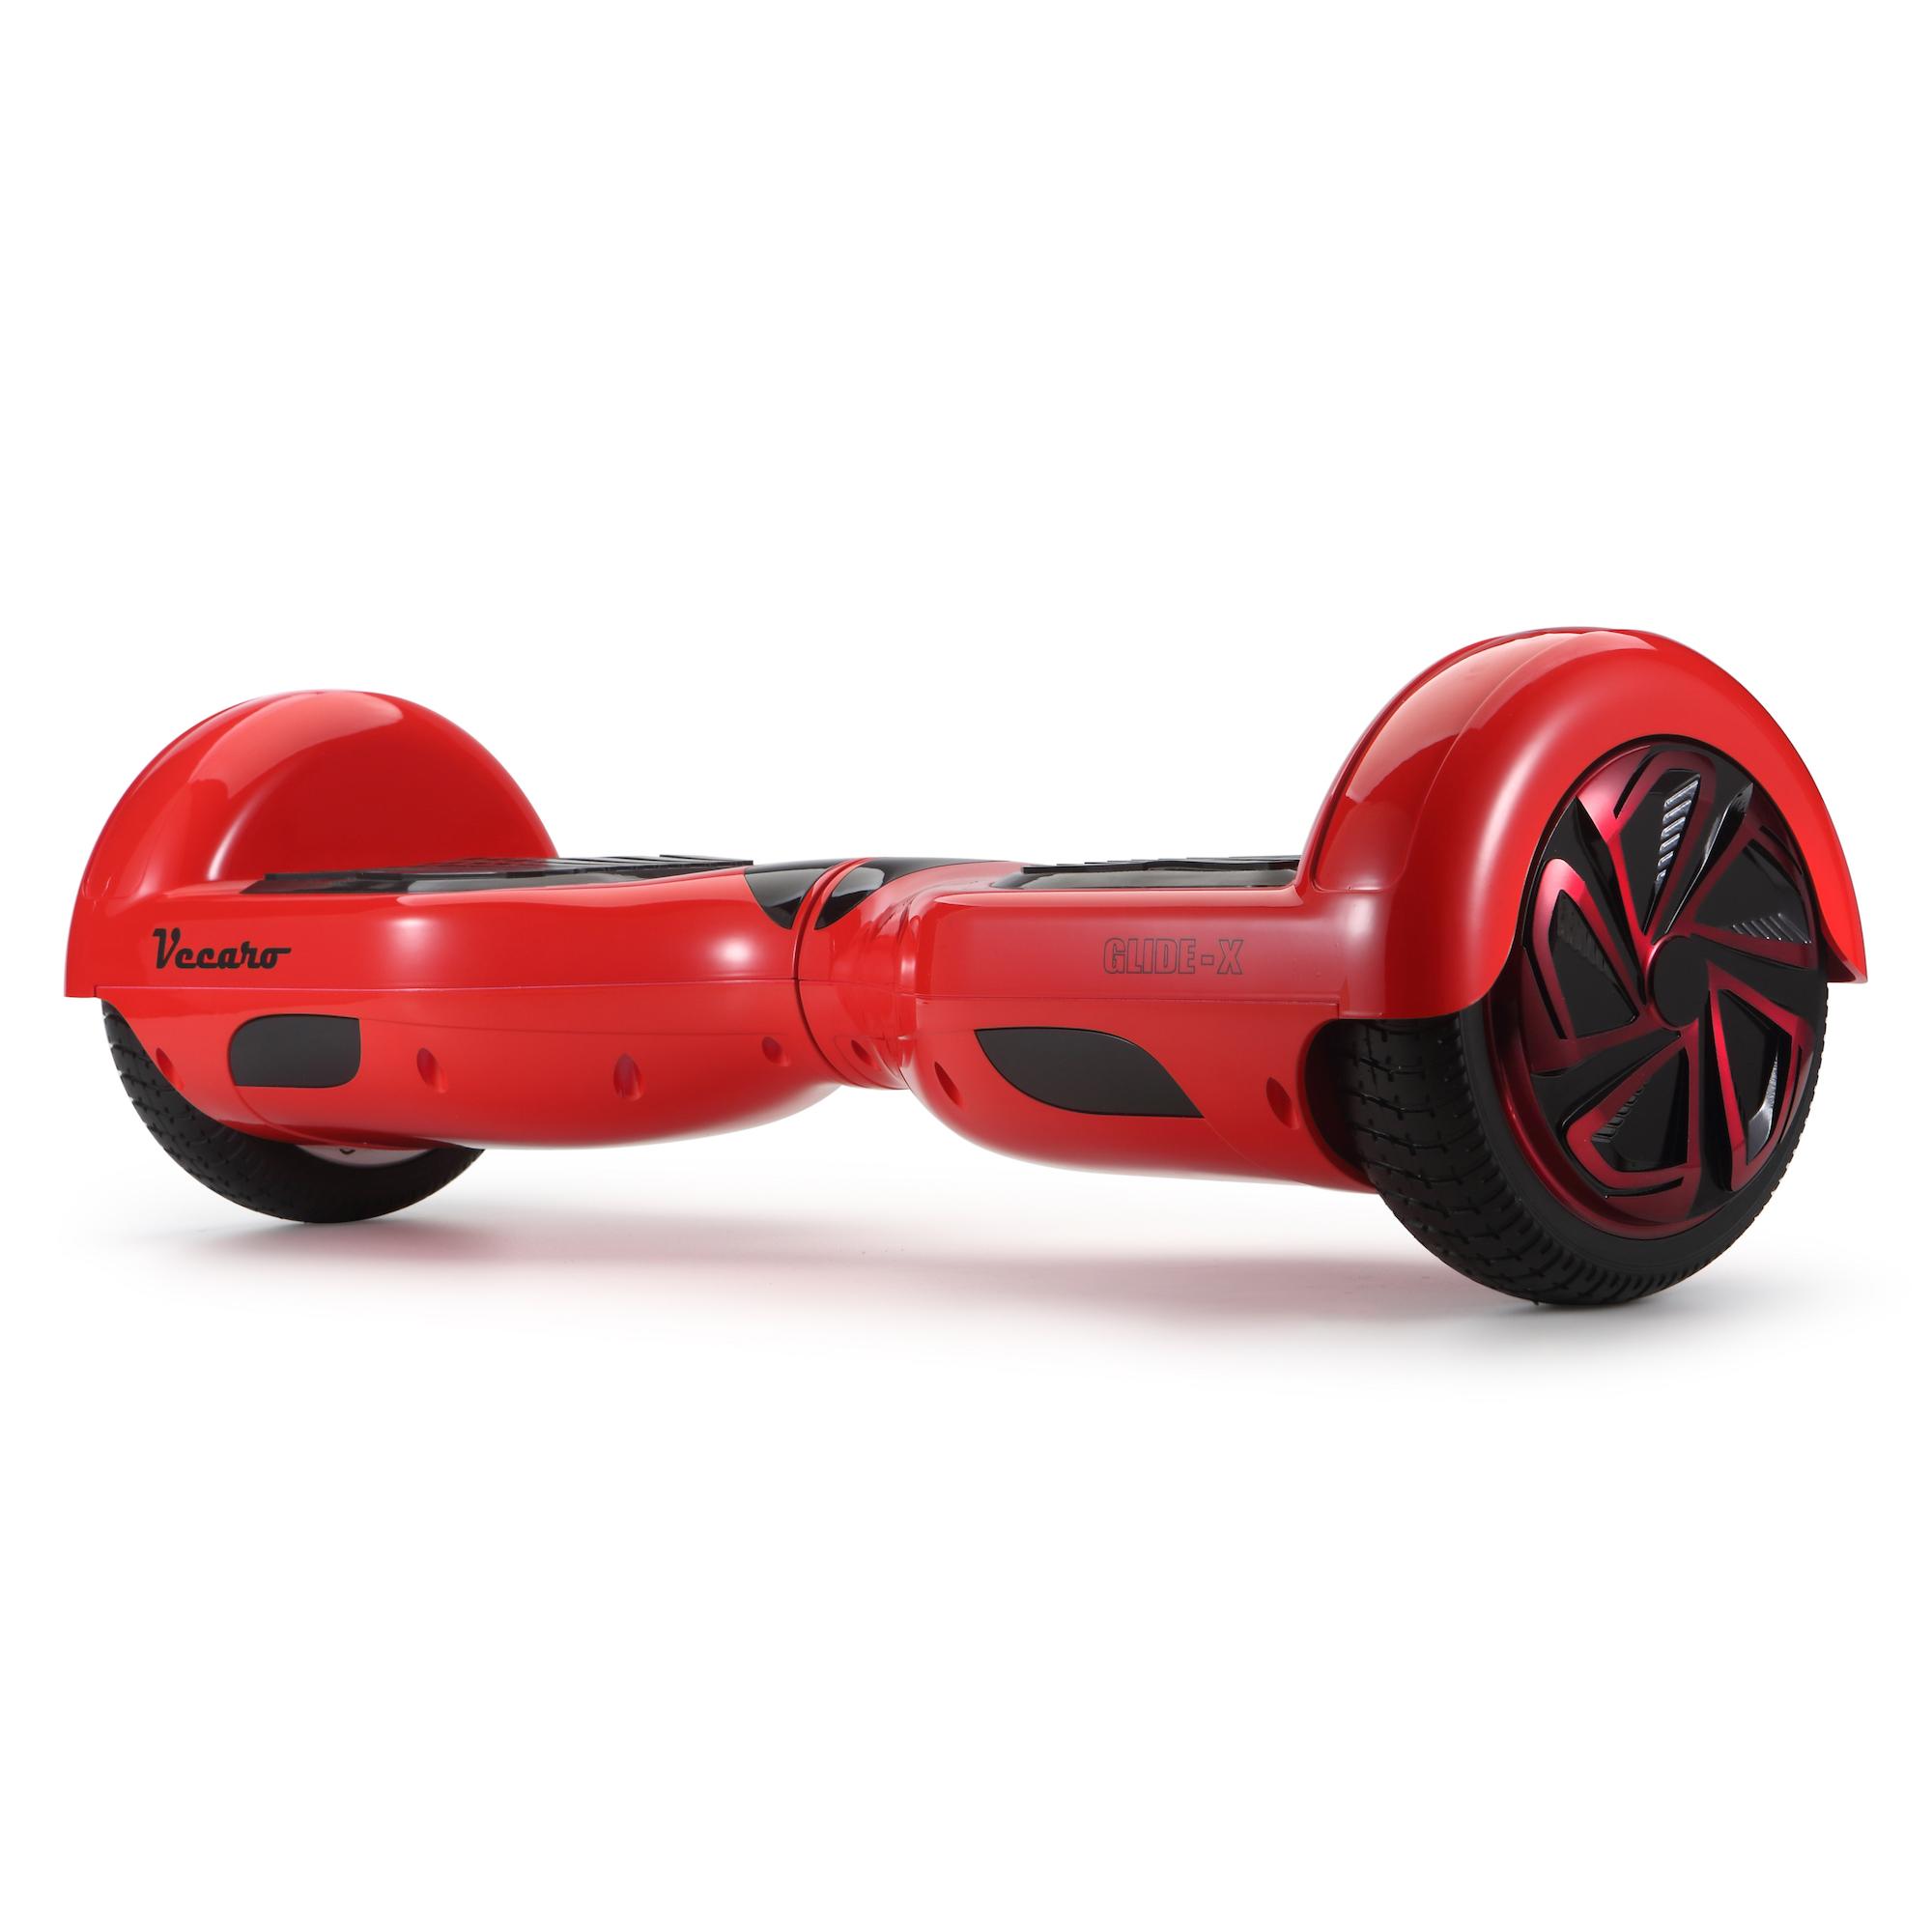 glide x hoverboard red. Black Bedroom Furniture Sets. Home Design Ideas